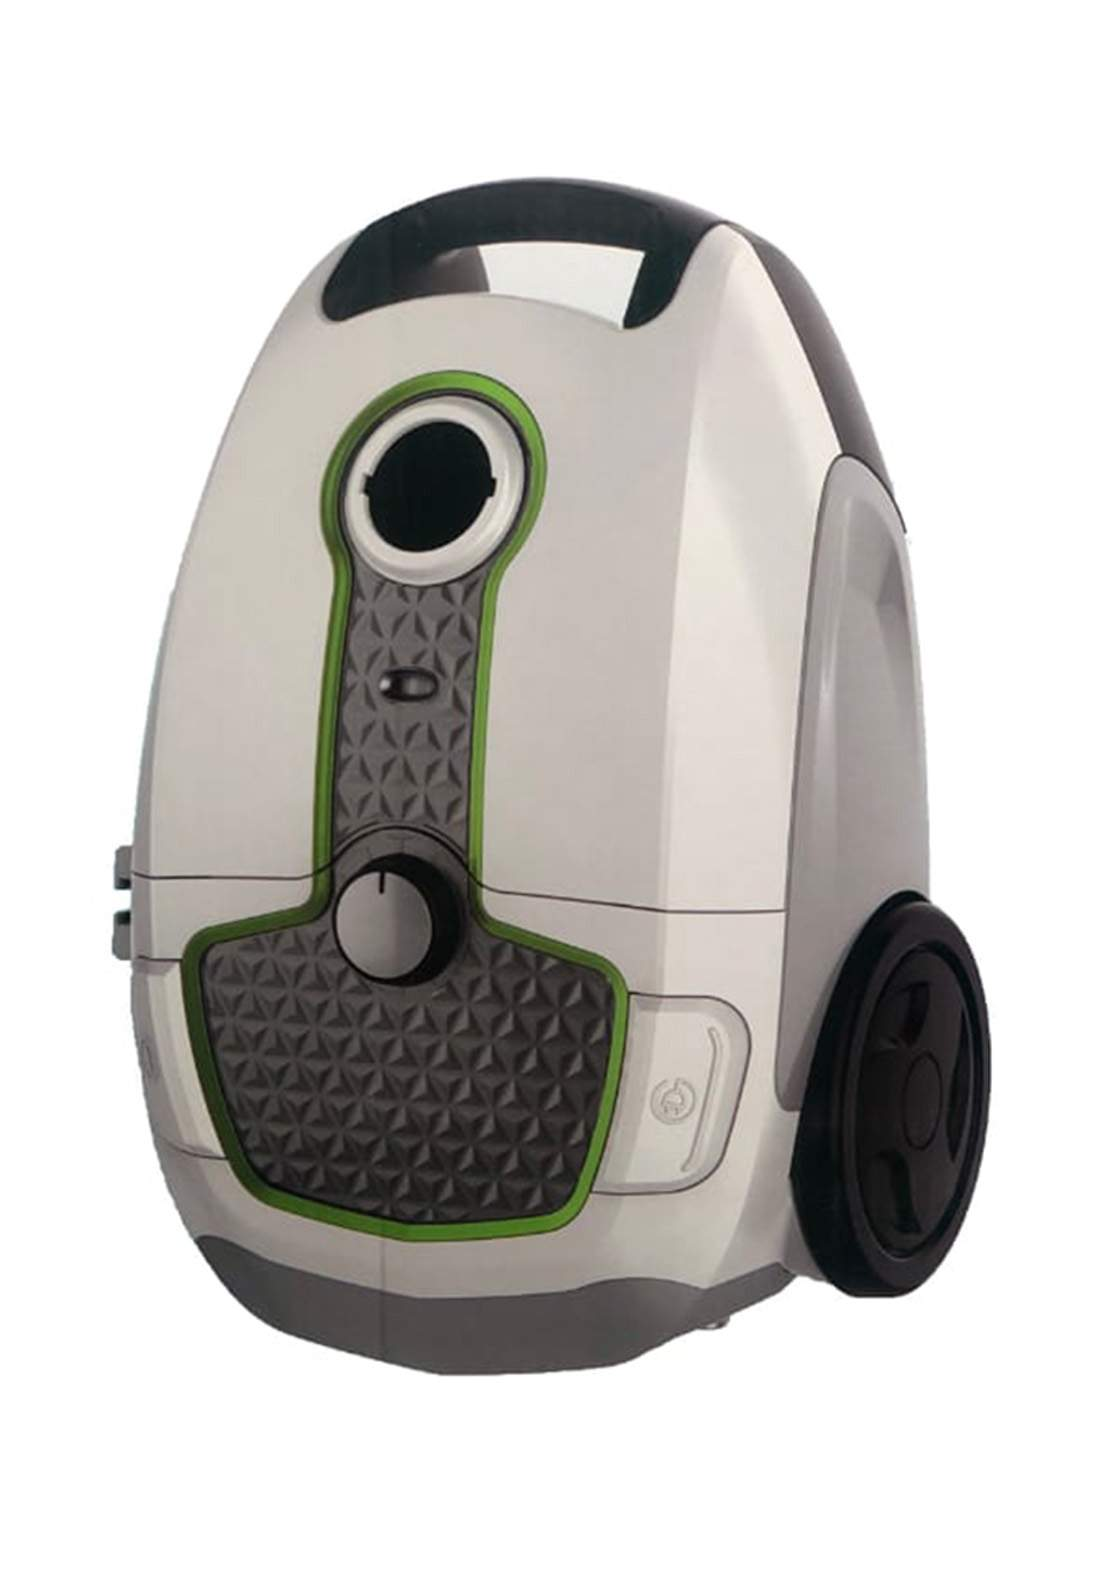 Smarteck SM-3000B Vacuum Cleaner  مكنسة كهربائية